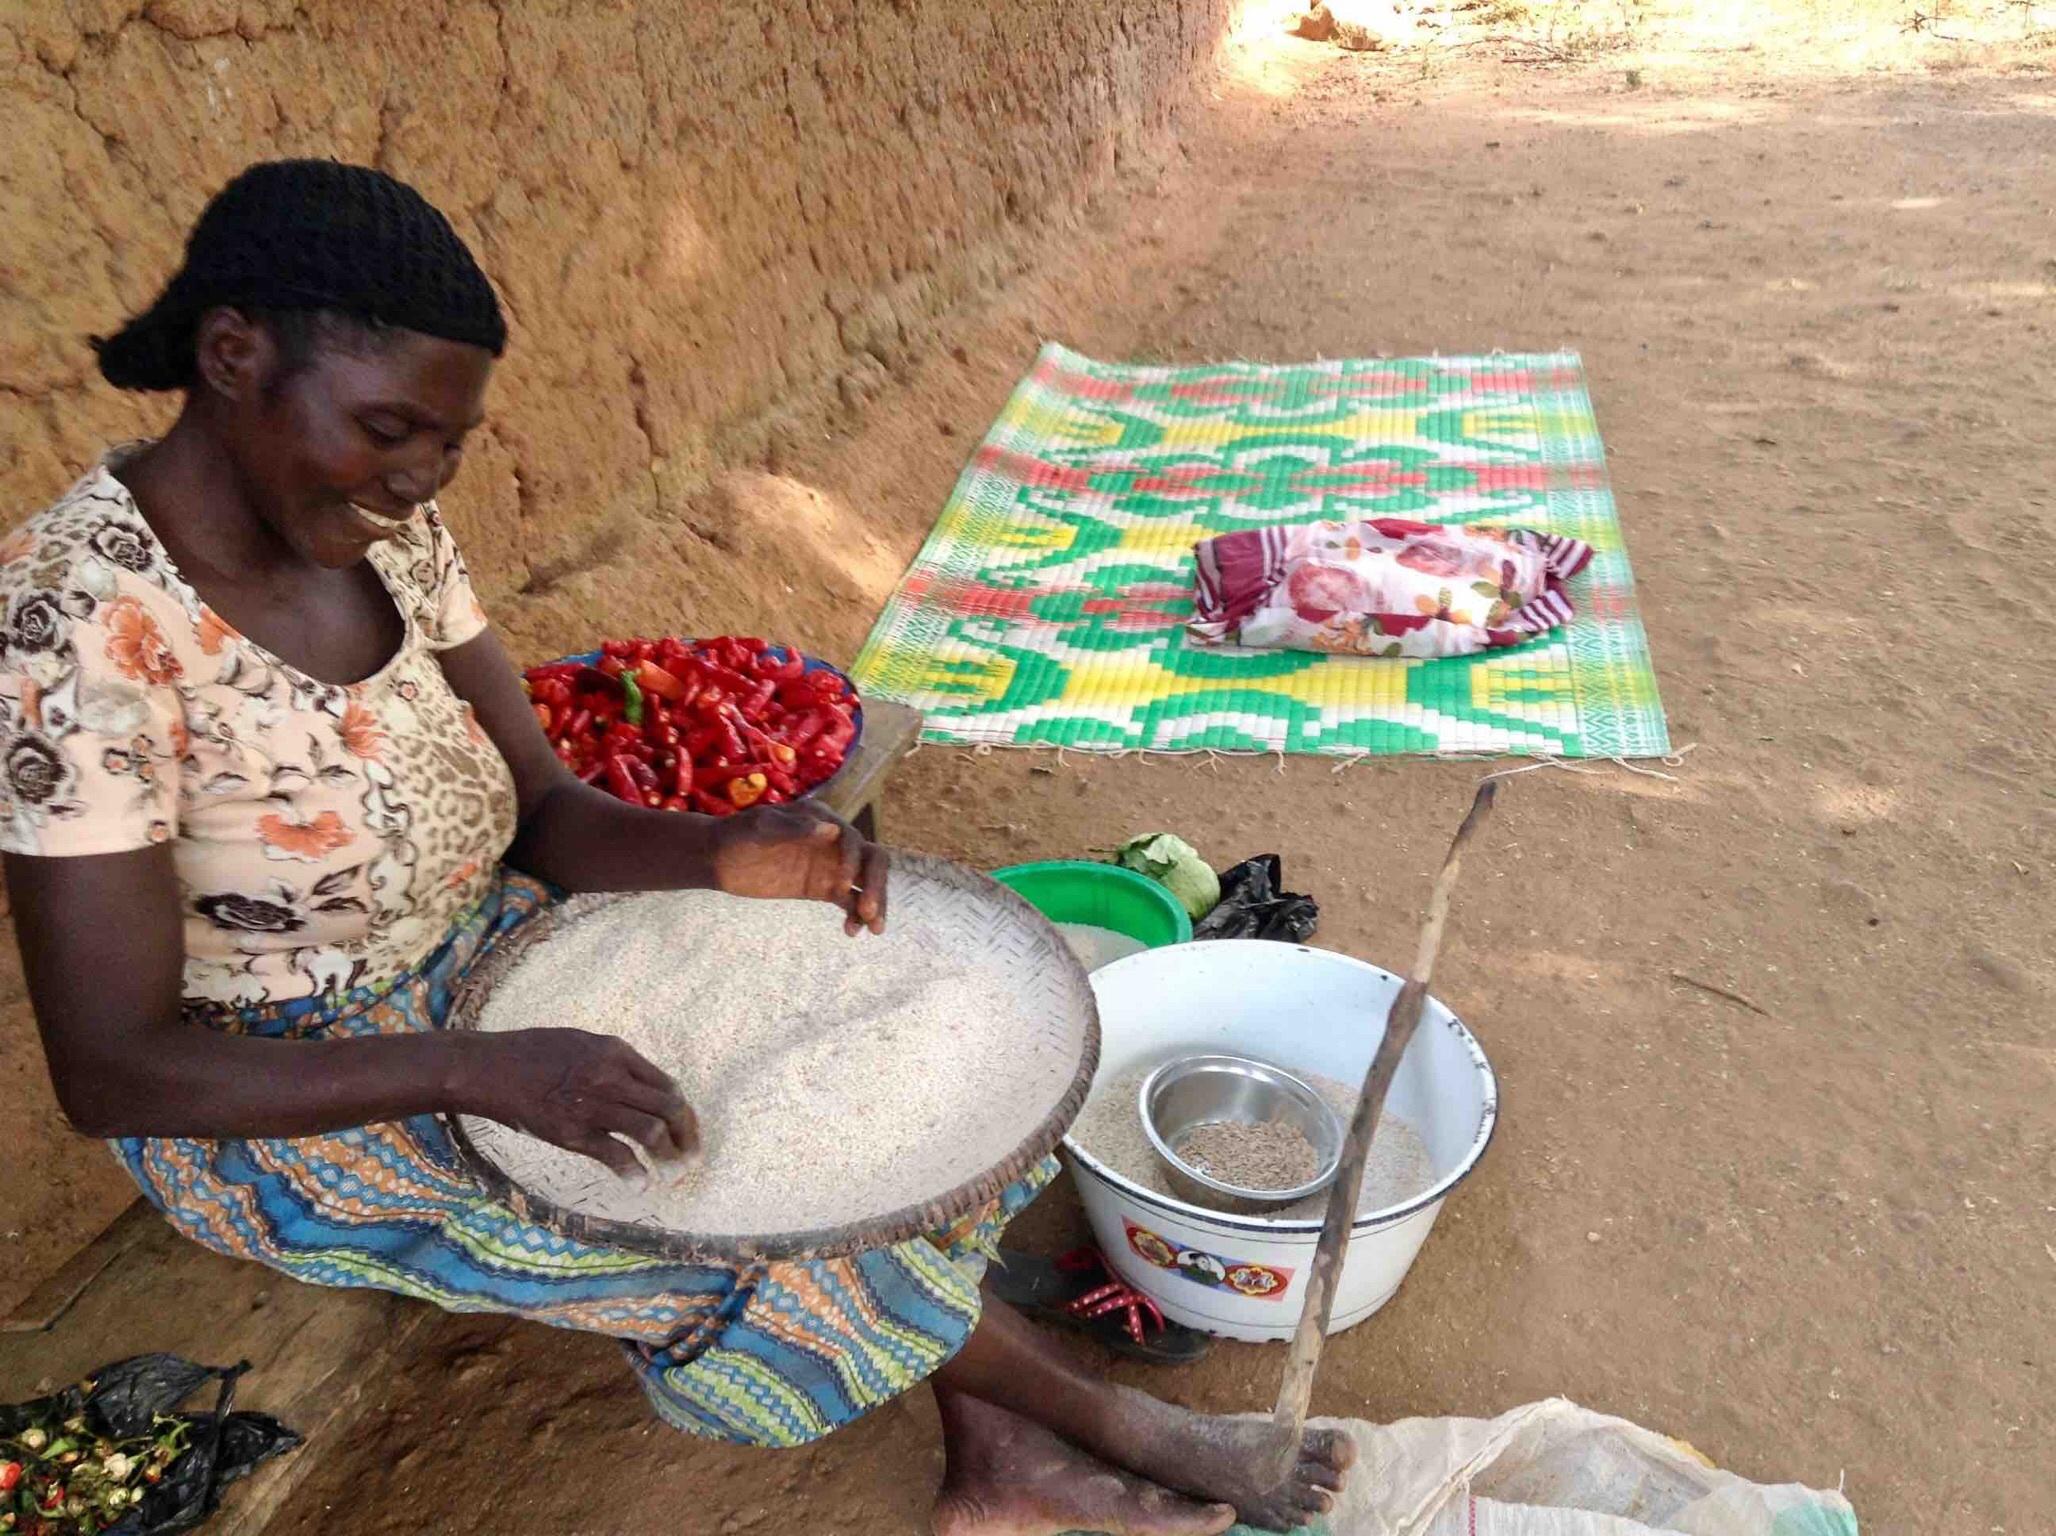 Eggon woman cleaning rice in Langa Langa Village, Nasarawa State, Nigeria. #JujuFilms